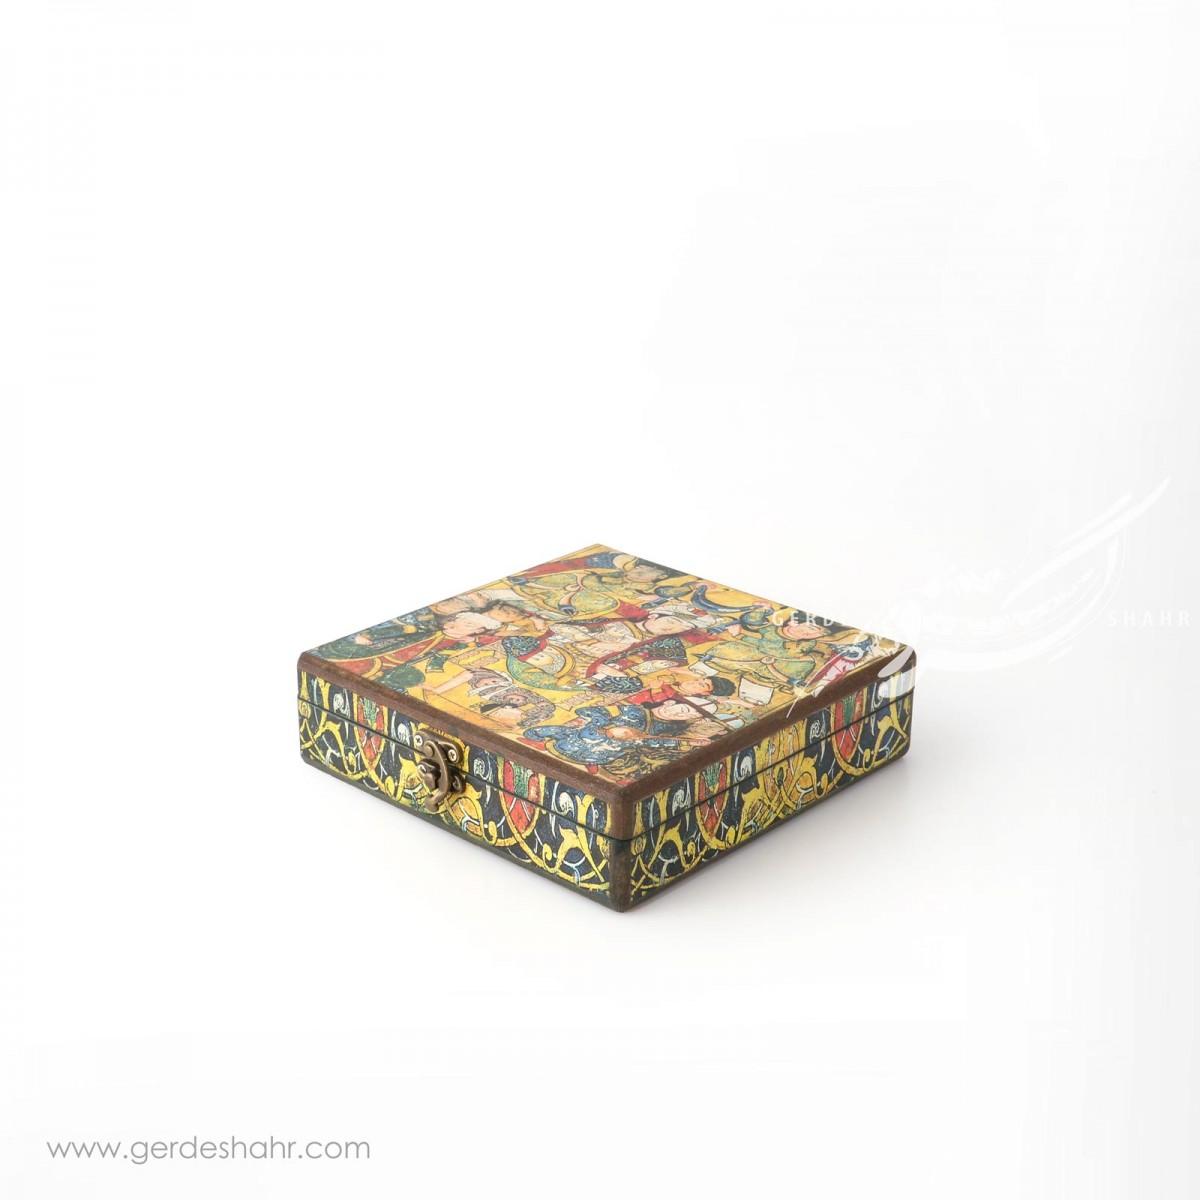 جعبه چوبی کتابی بزم شاهی هفتگان جعبه و صندوقچه